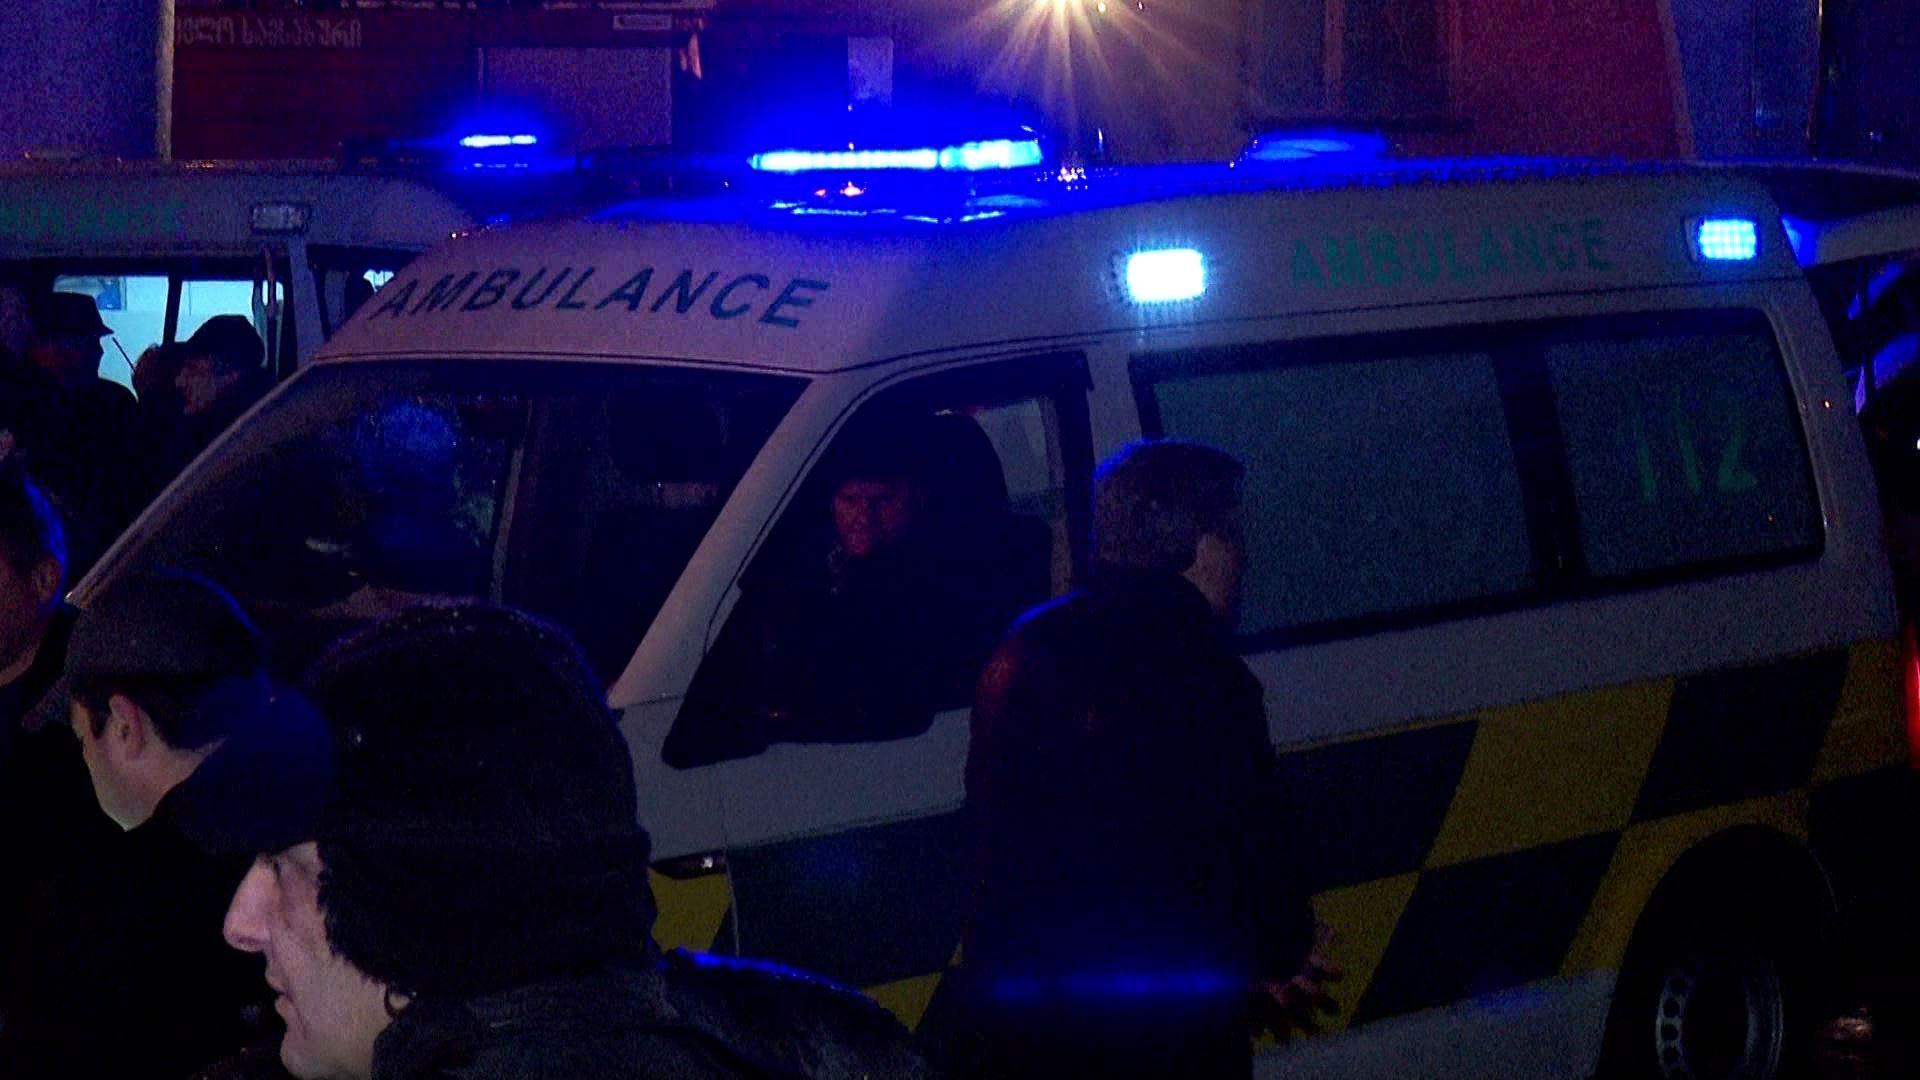 12 დაღუპული,15-ზე მეტი დაშავებული - ხანძარი ''ლეოგრანდში''